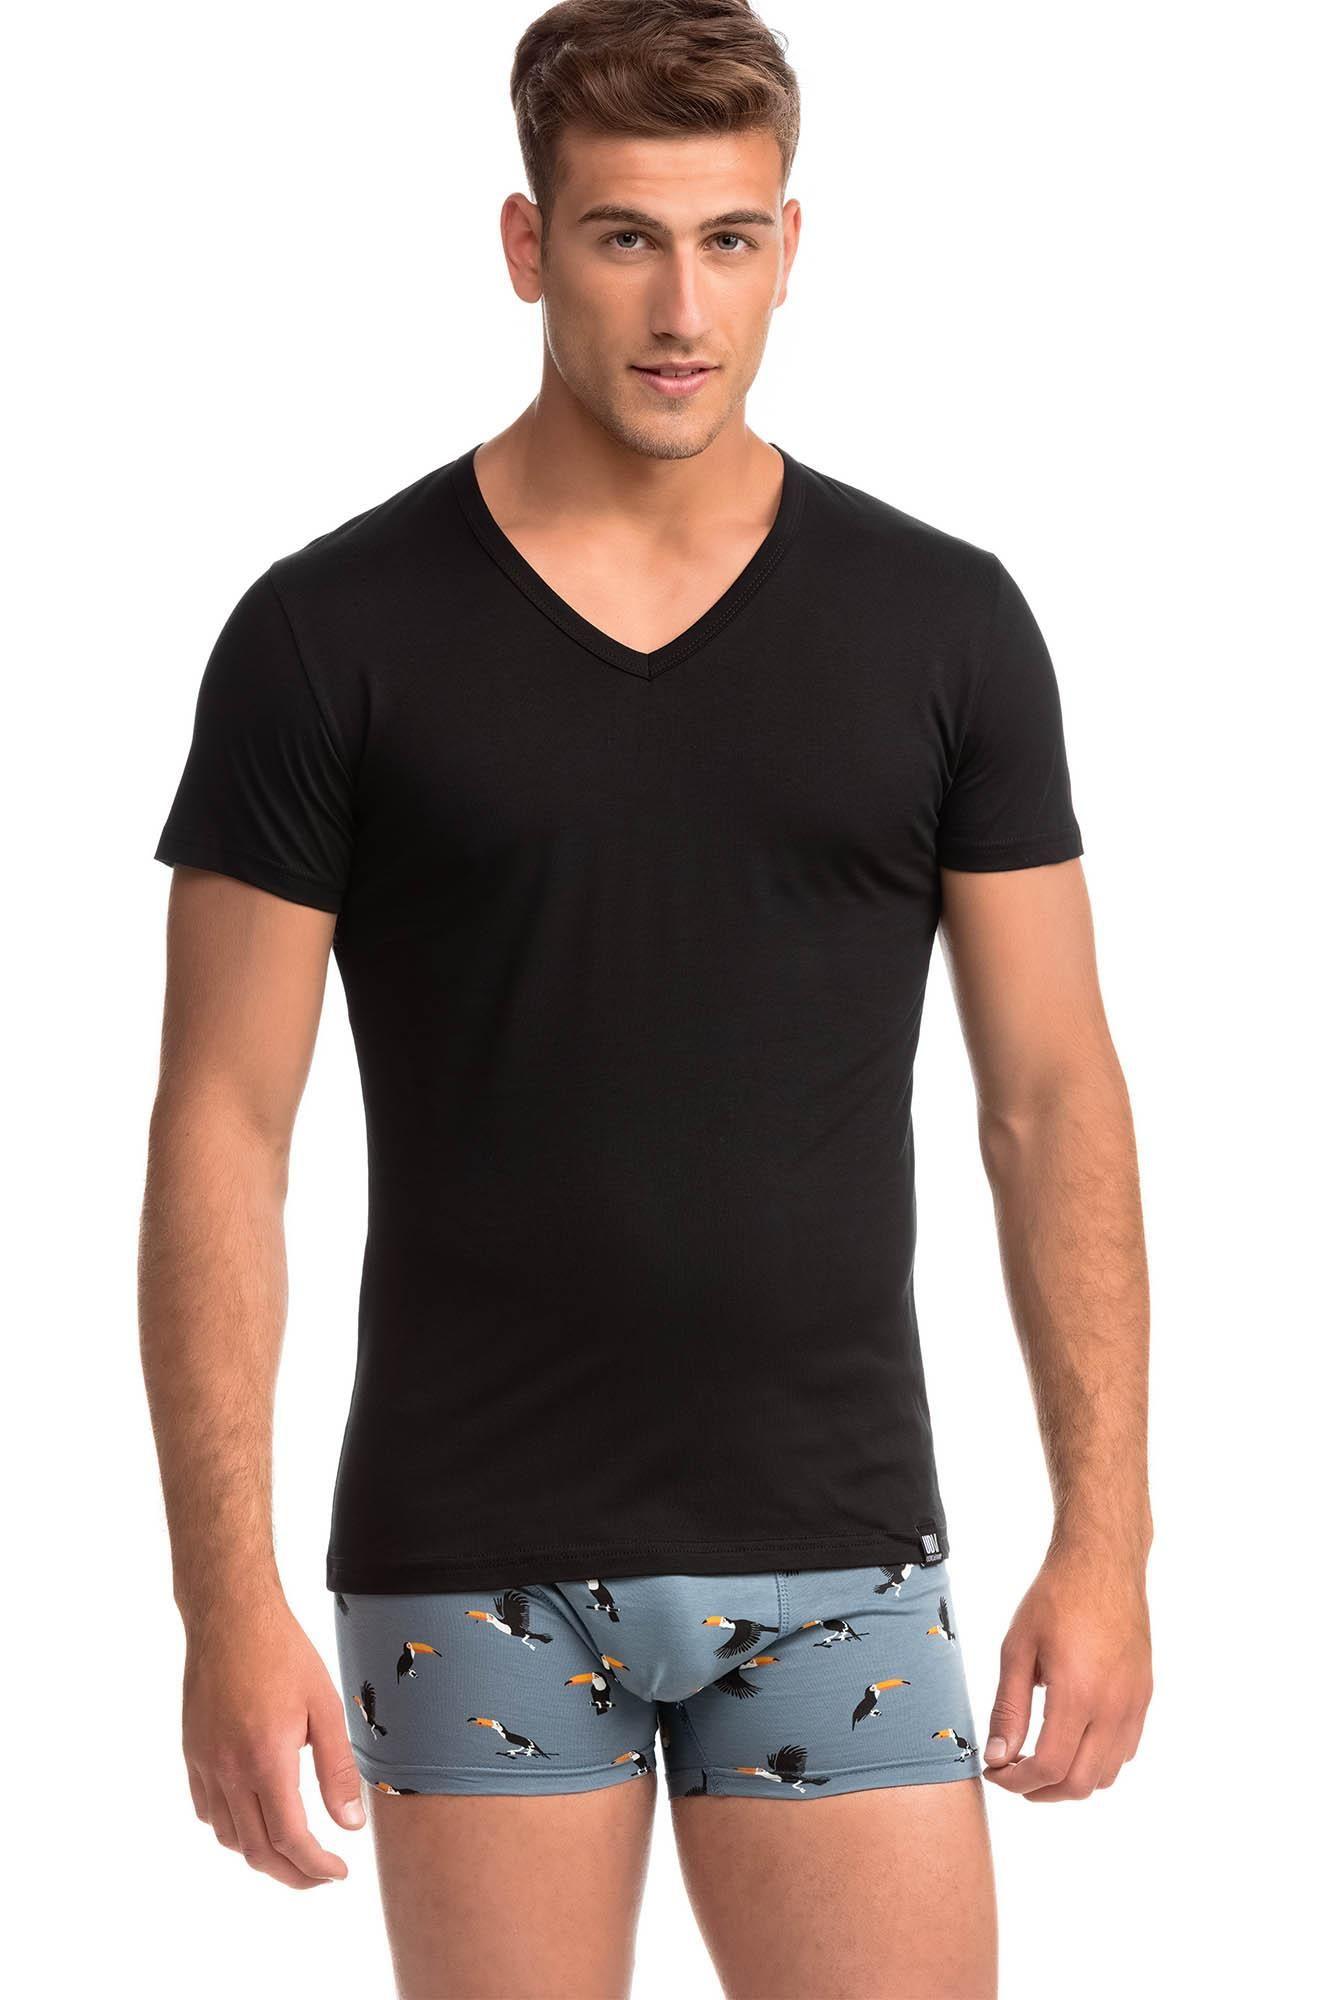 Men's 2-Pack Short-Sleeved Vests